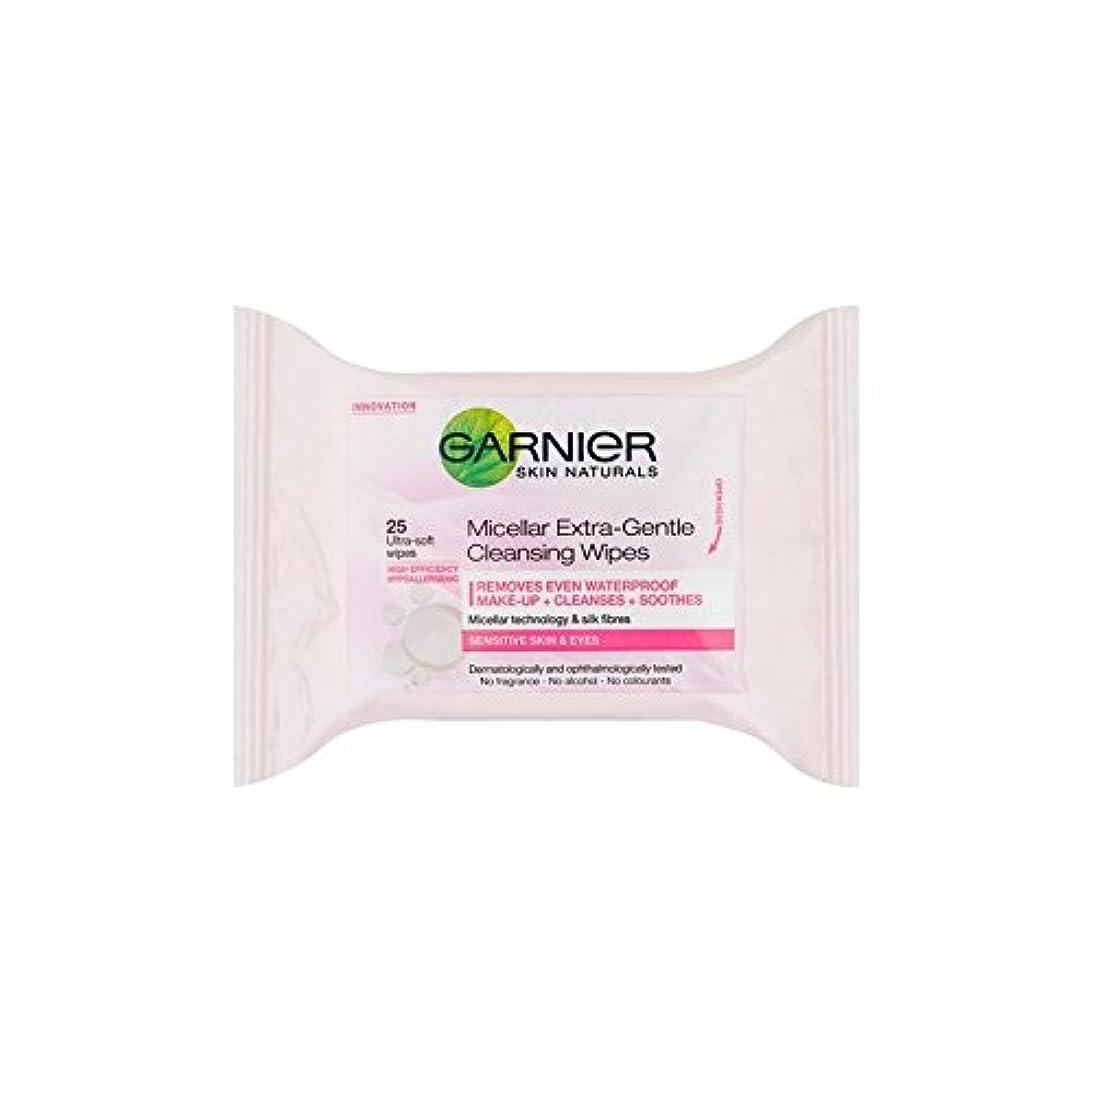 貯水池アグネスグレイハンディキャップGarnier Skin Naturals Micellar Extra-Gentle Cleansing Wipes (25 Pack) - ガルニエ肌ナチュラルミセルエクストラジェントルクレンジングワイプ(25パック) [並行輸入品]